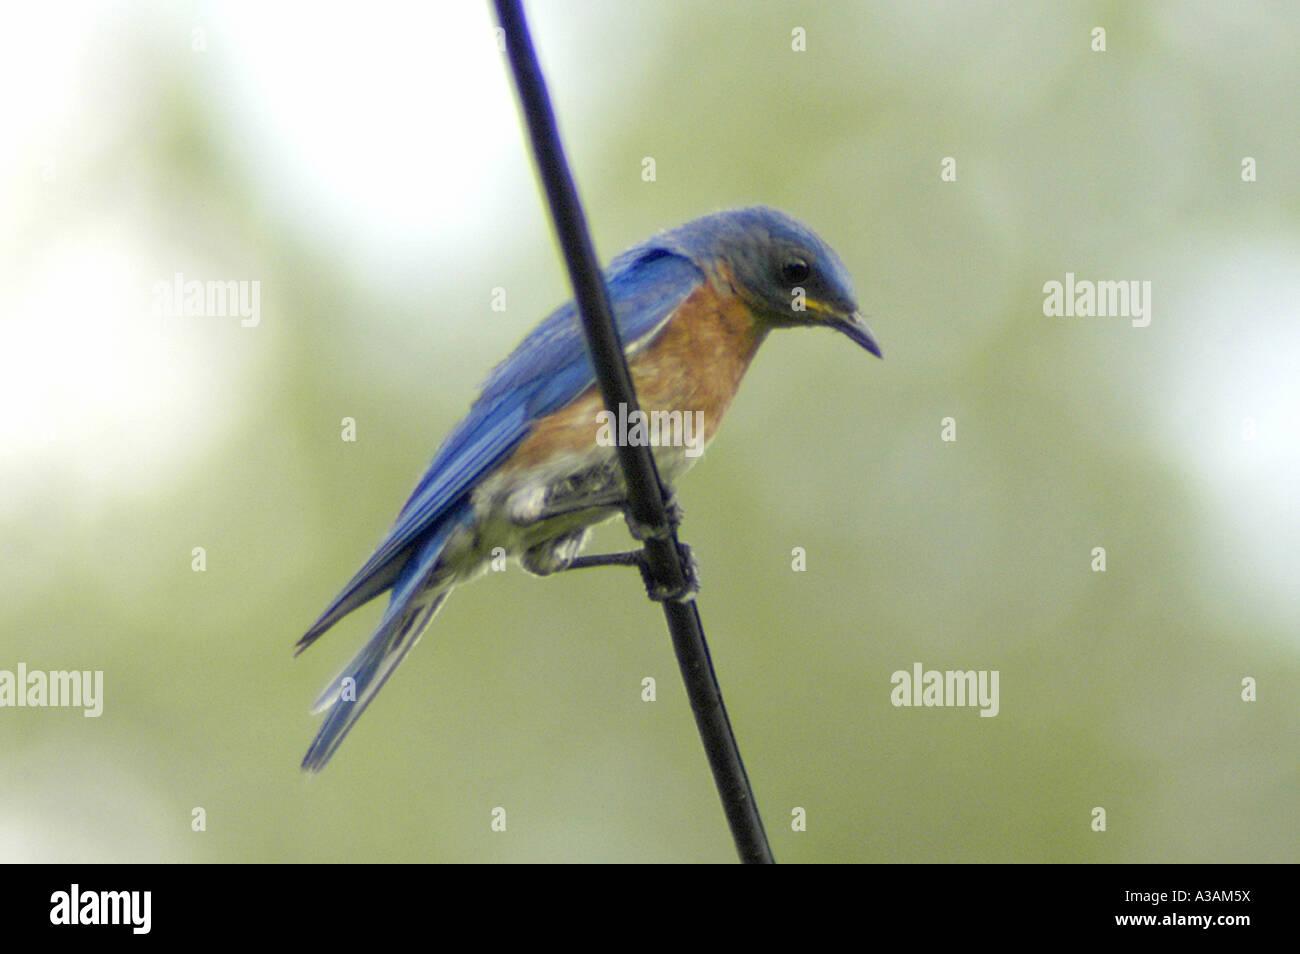 P18 Stock Photos & P18 Stock Images - Alamy